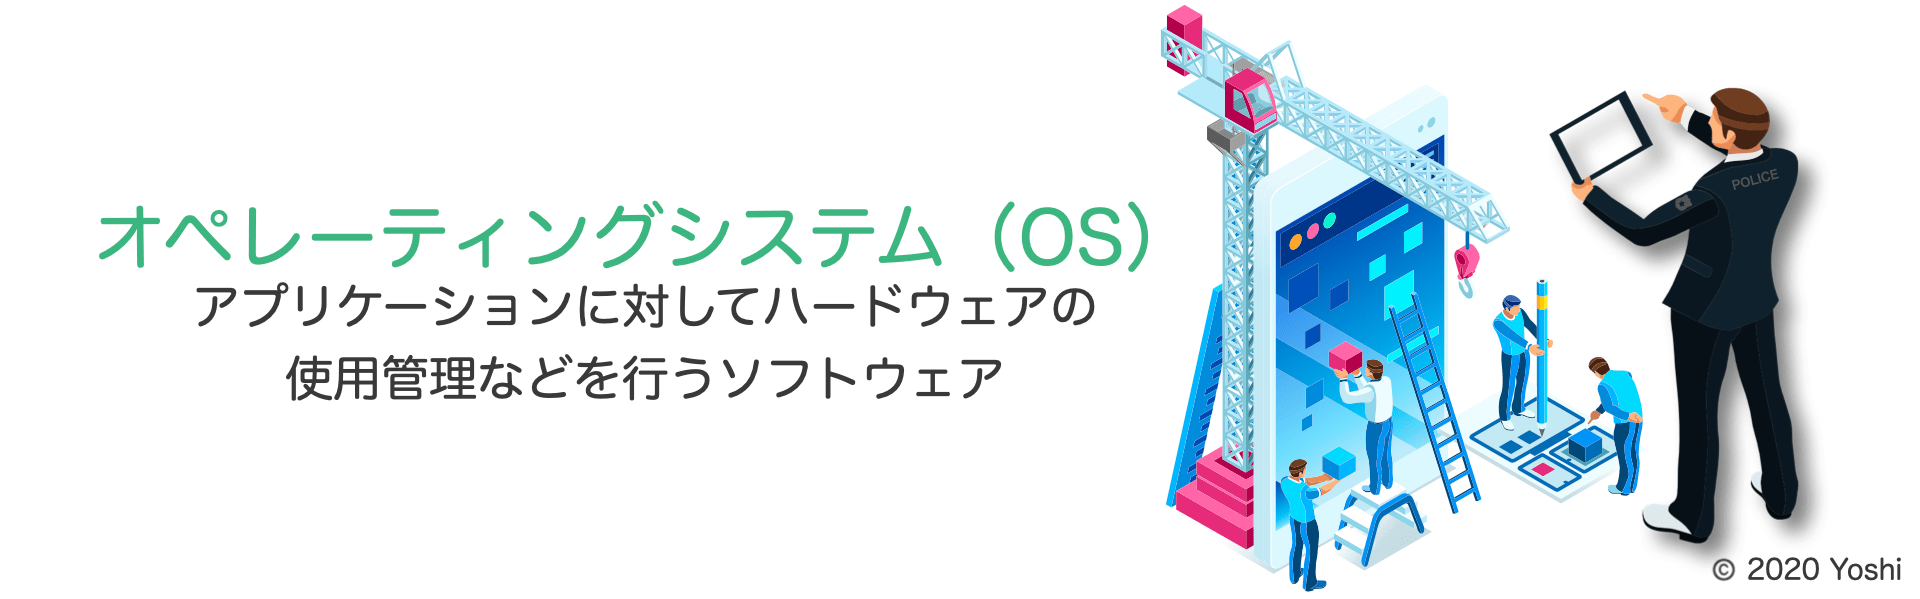 オペレーティングシステムの定義